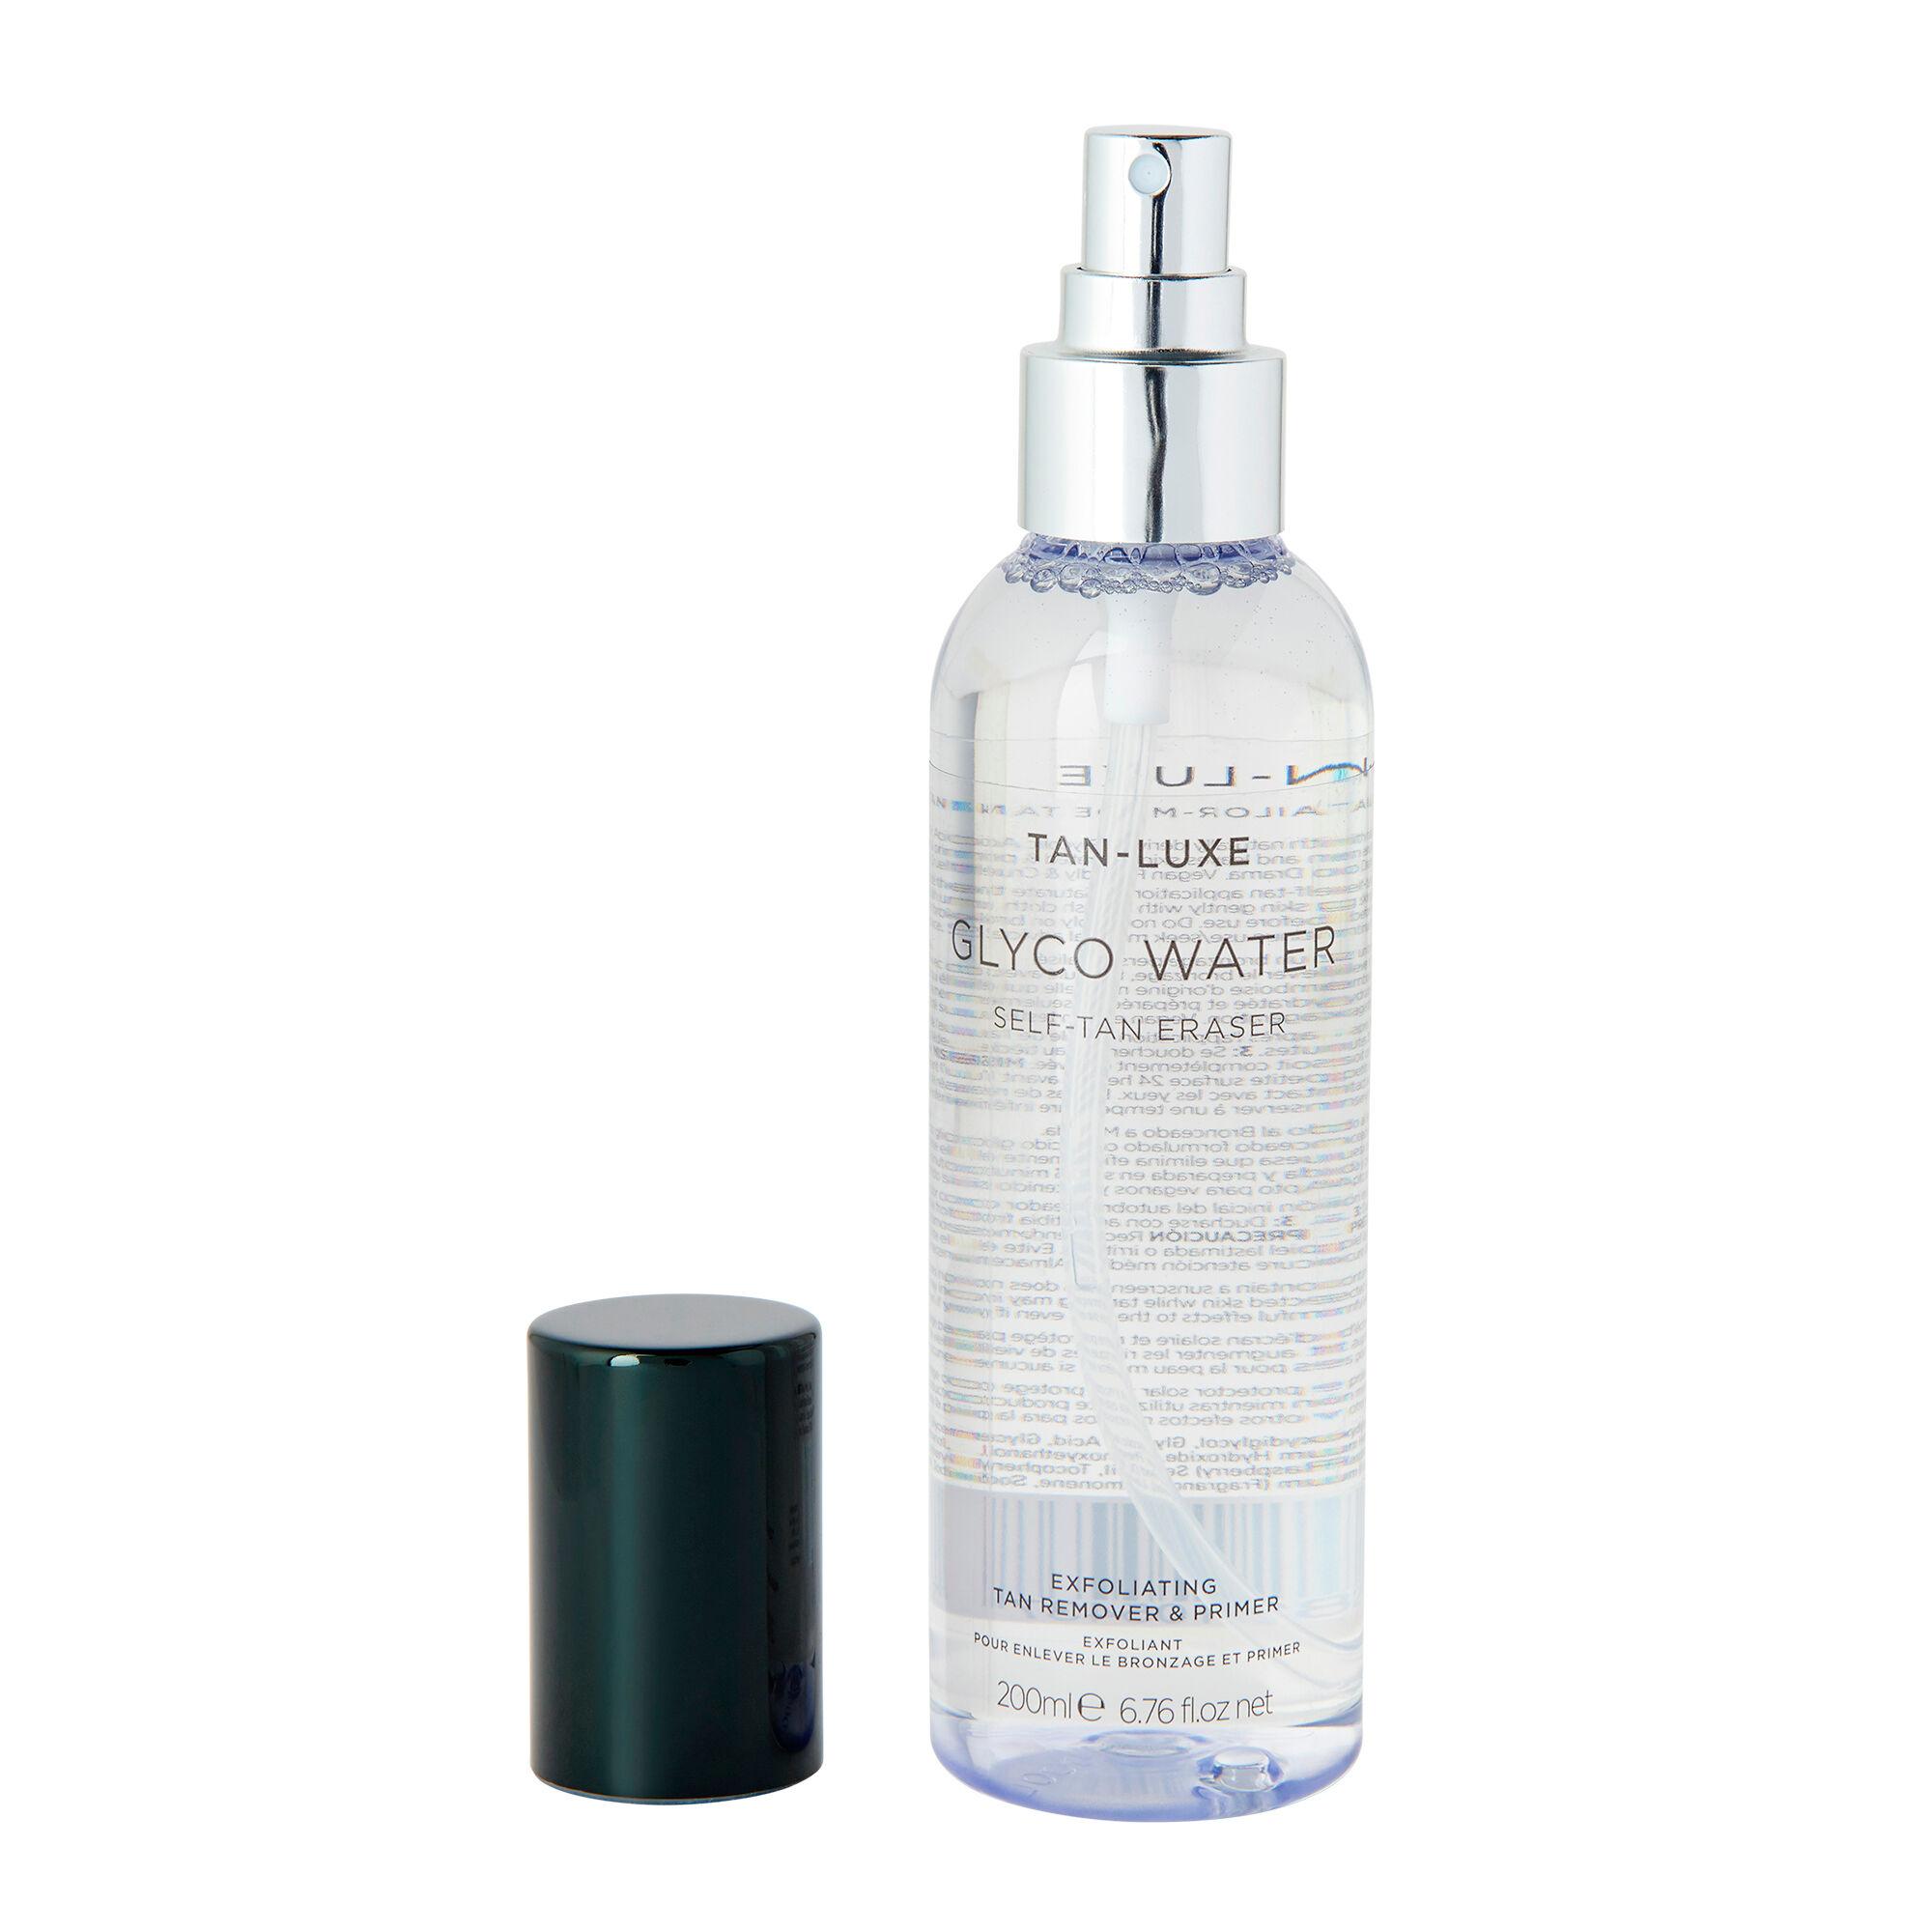 TAN-LUXE GLYCO WATER 150ml